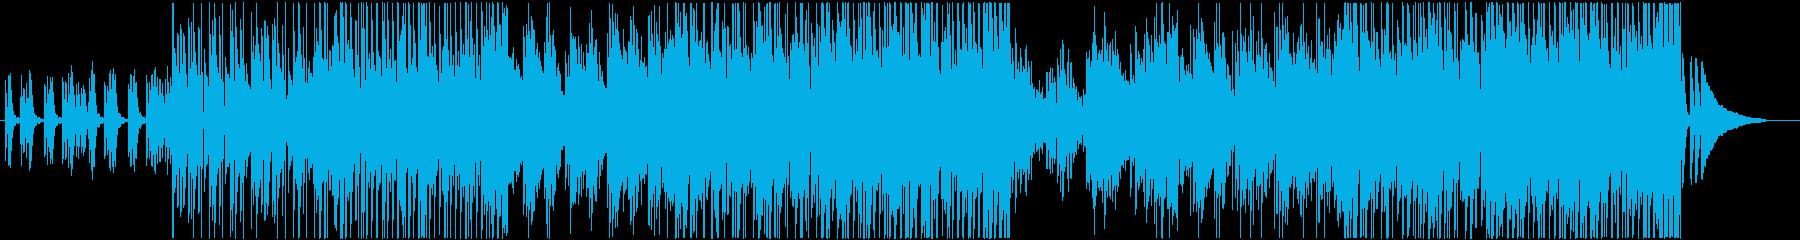 穏やかで癒されるバラードの再生済みの波形